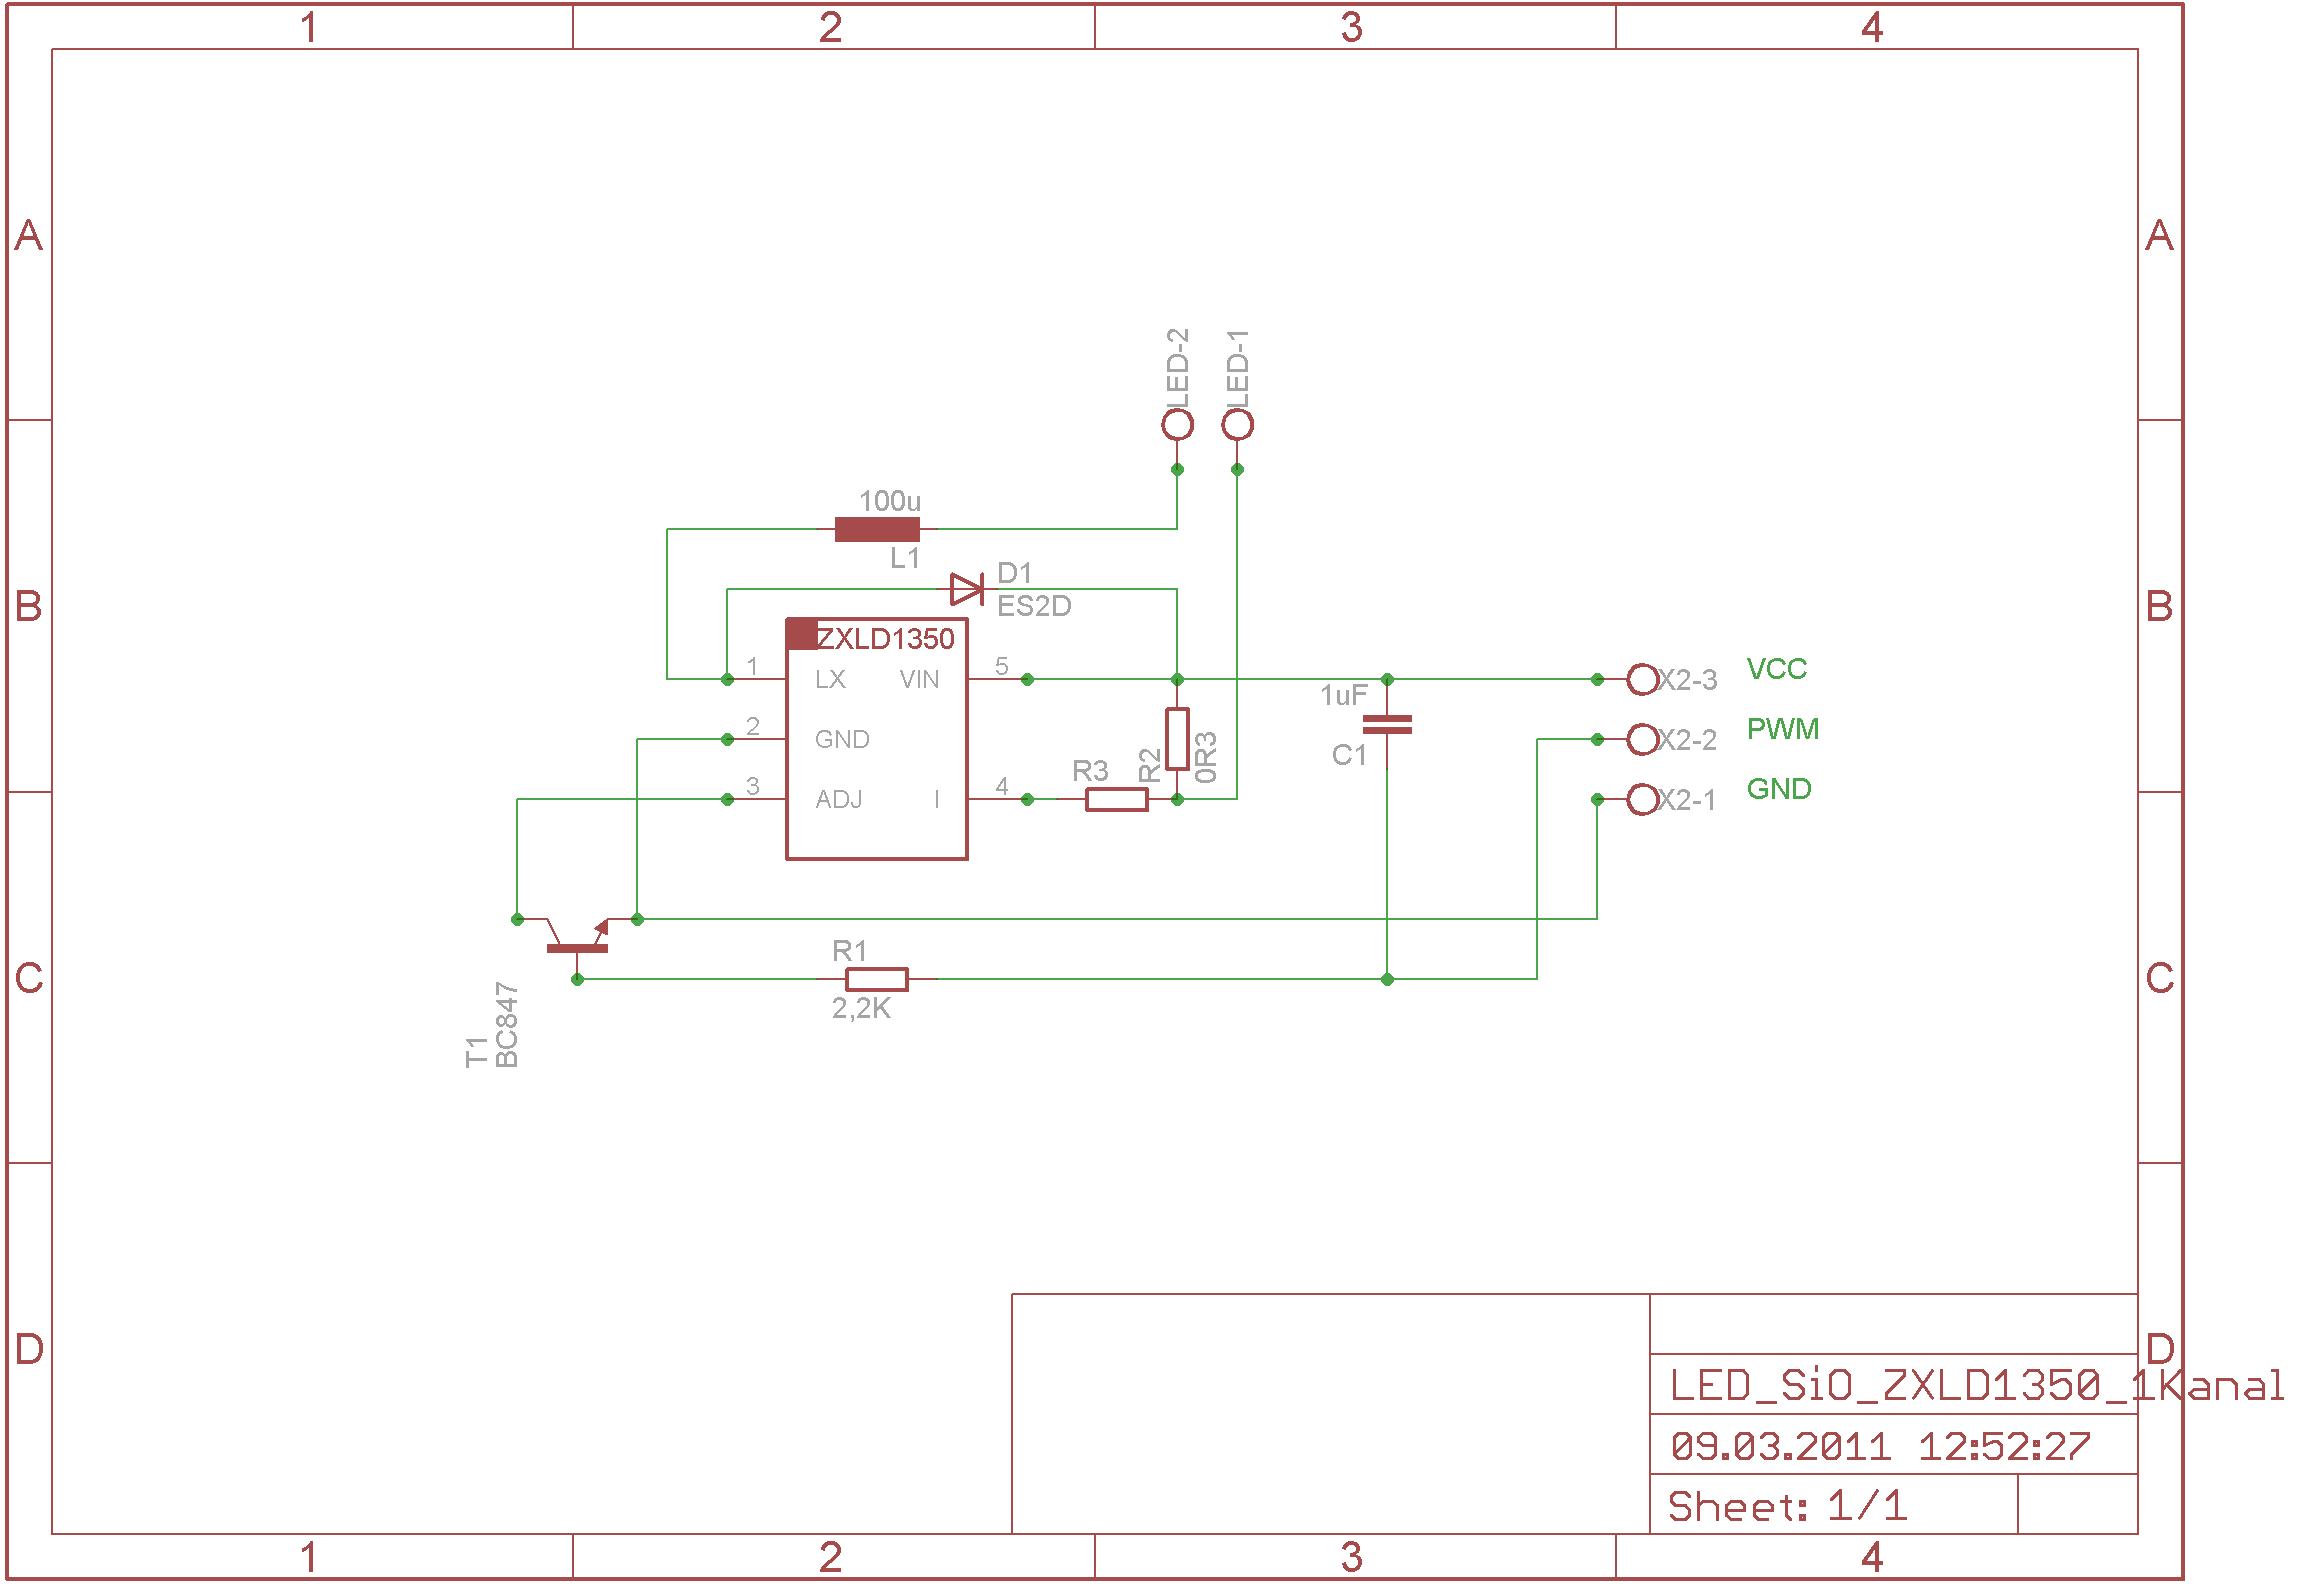 Berühmt Led Treiber Schaltplan Bilder - Der Schaltplan - triangre.info